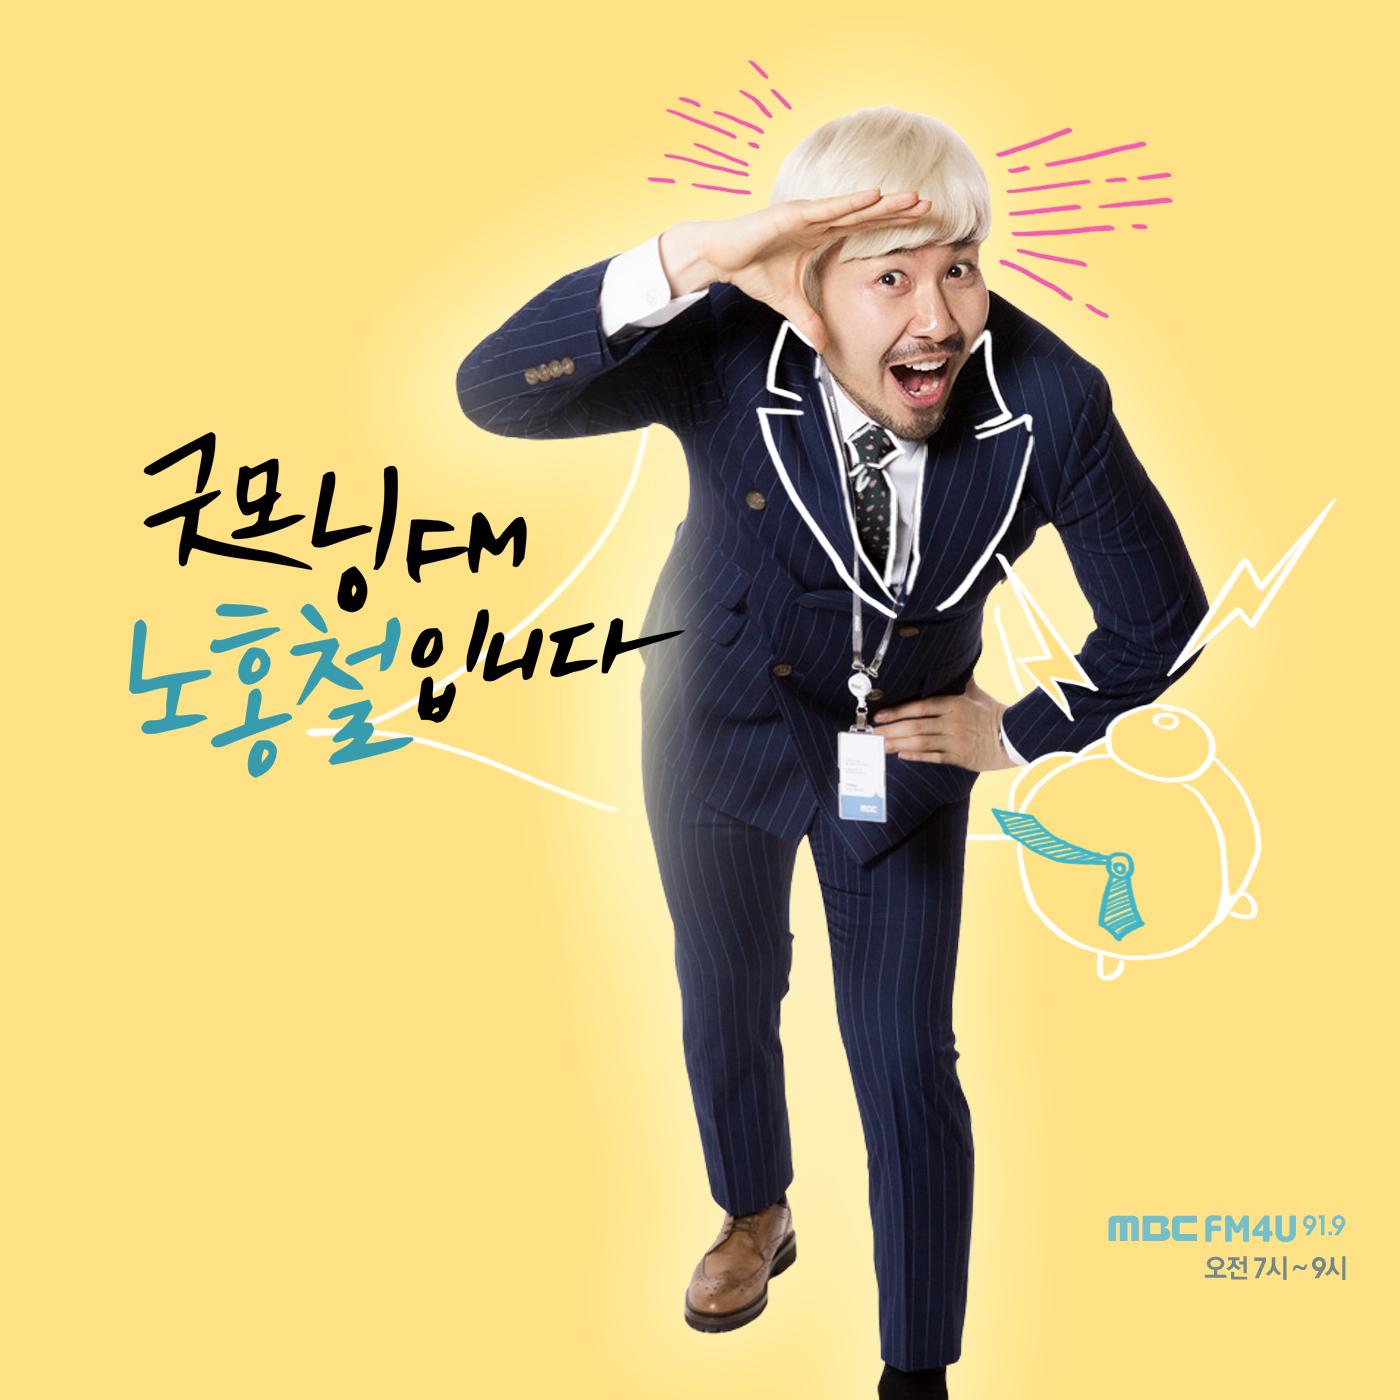 굿모닝FM 노홍철입니다